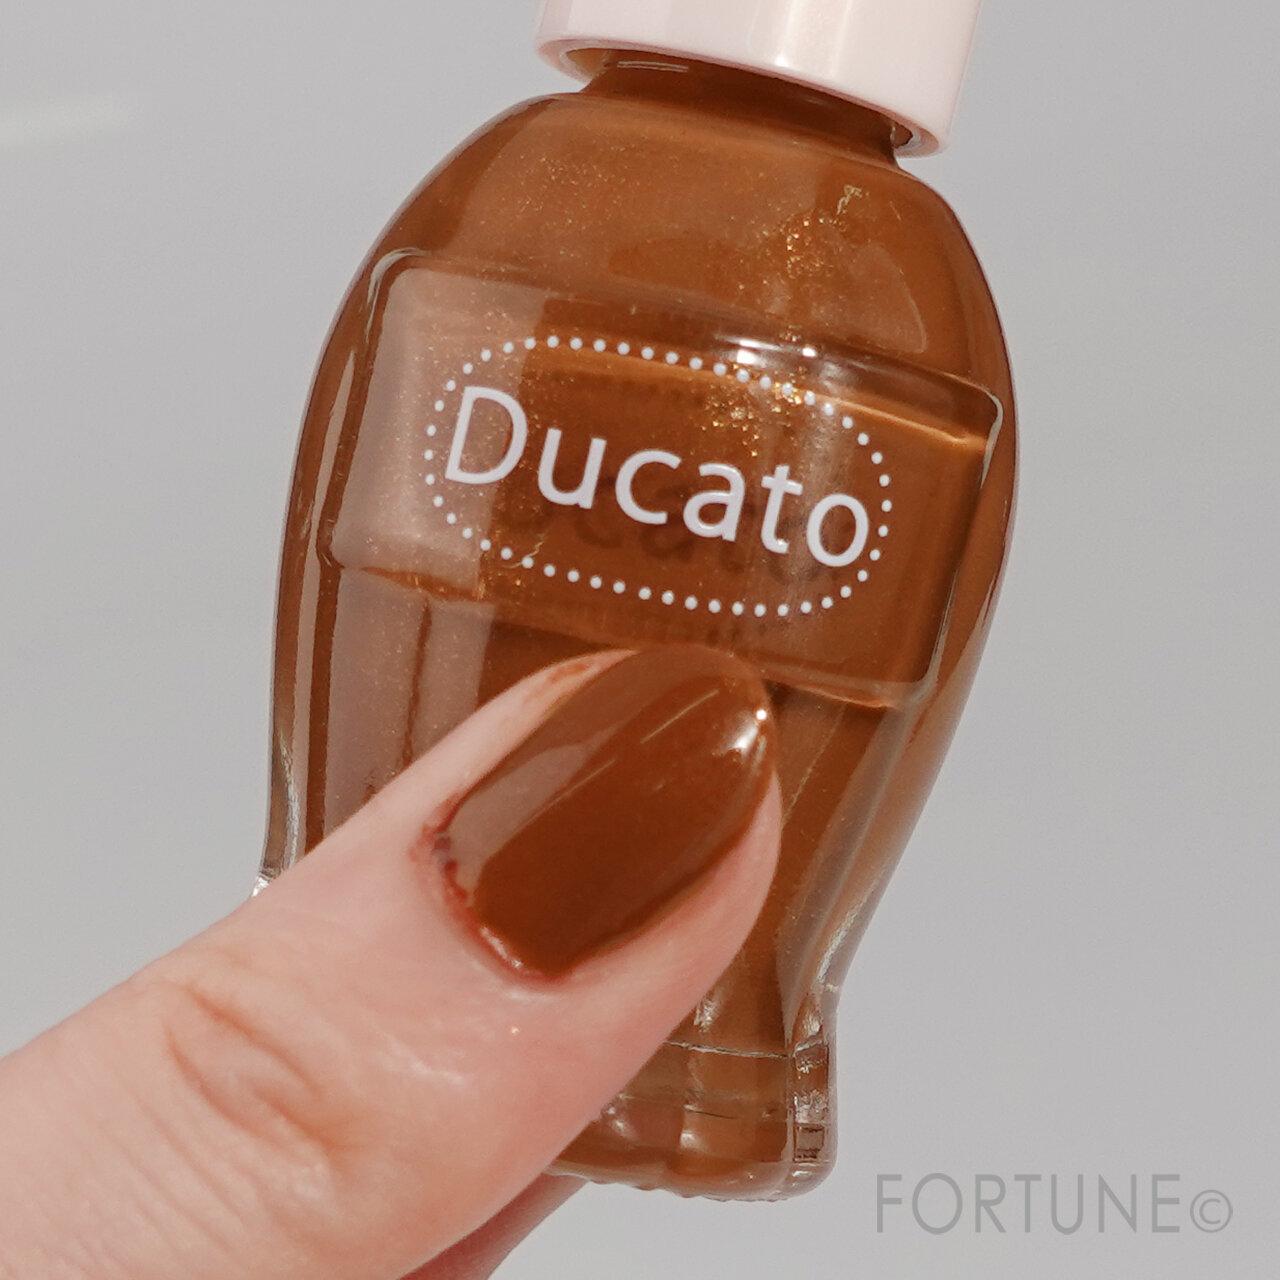 Ducato(デュカート) デュカート ナチュラルネイルカラーN142